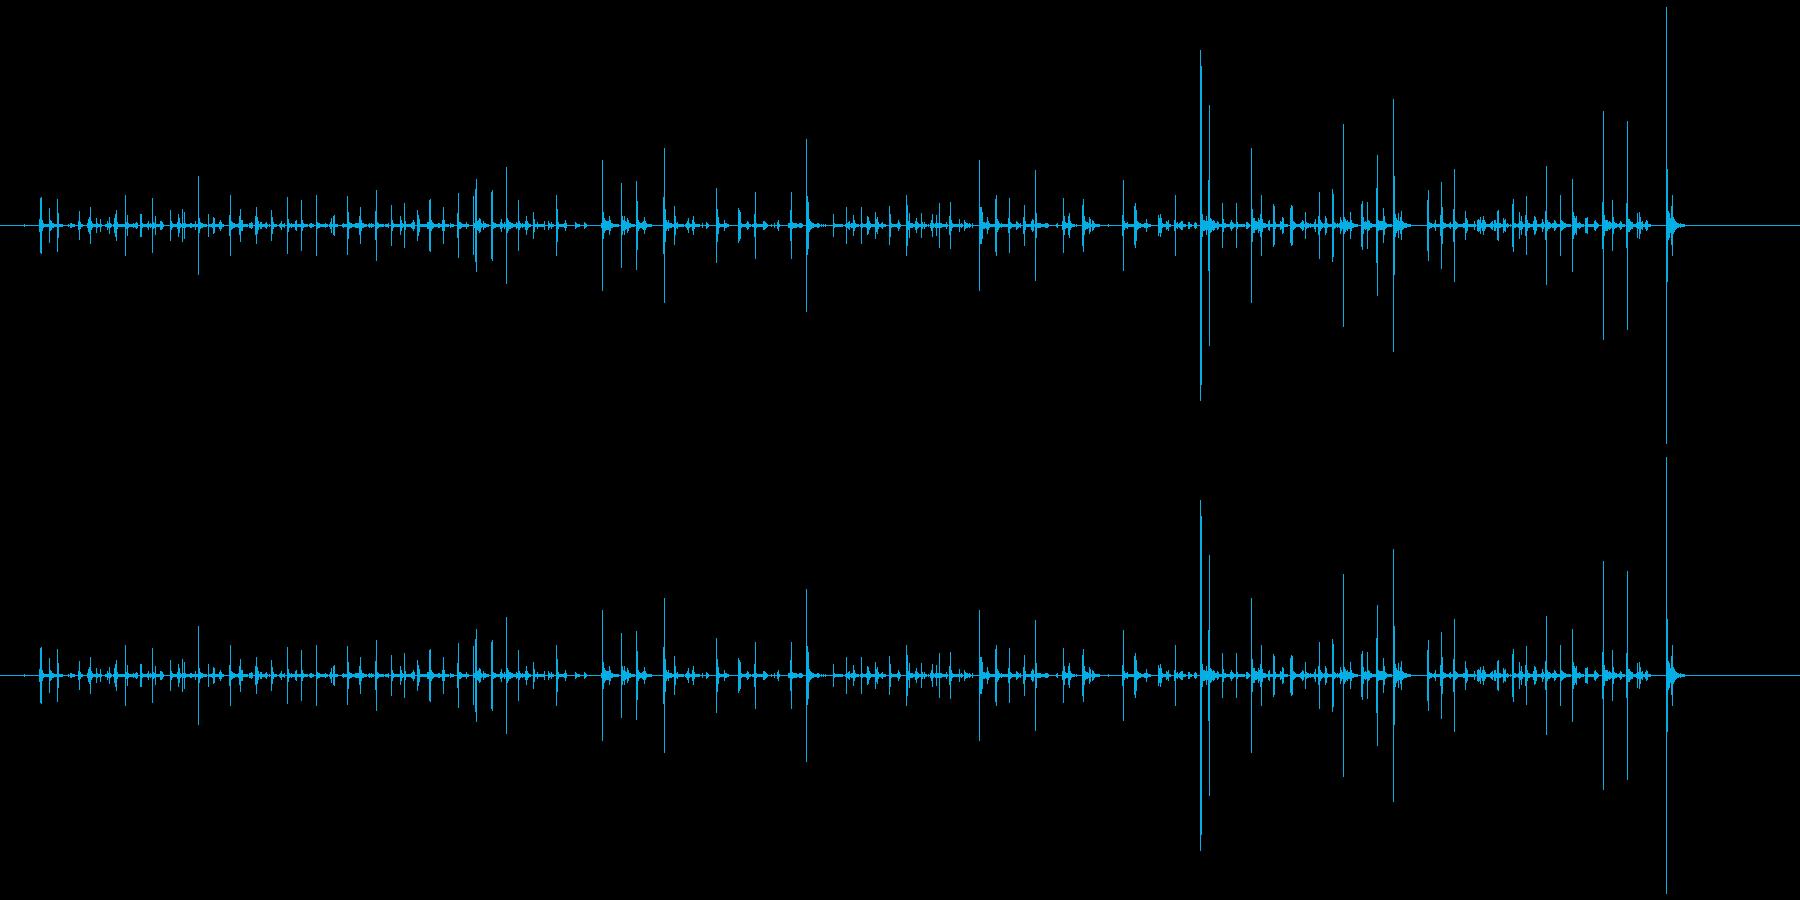 キーボードを叩く音(オフィス環境音)の再生済みの波形